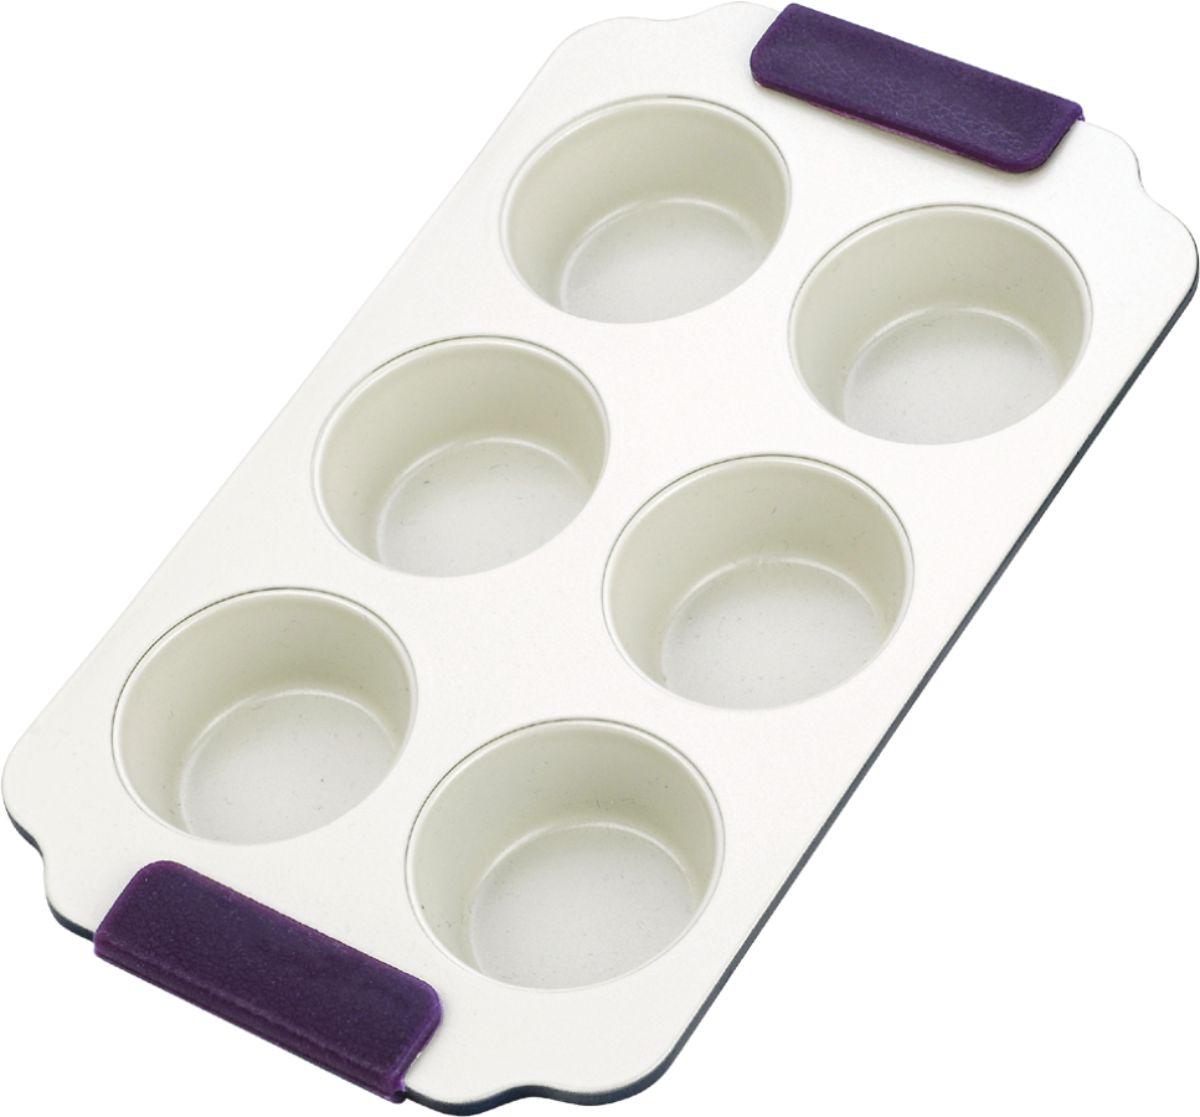 Форма для выпечки кексов Vitesse, цвет: синий, 6 ячеек. VS-1965VS-1965Прямоугольная форма для выпечки кексов Vitesse изготовлена из высококачественной углеродистой стали. Форма содержит 6 круглых ячеек для кексов. Внутреннее керамическое покрытие Eco-Cera светло-серого цвета, позволяющее готовить при температуре 220°С, не оставляет послевкусия, делает возможным приготовление блюд без масла, сохраняет витамины и питательные вещества. Такое покрытие абсолютно безопасно для здоровья человека и окружающей среды, так как не содержит вредной примеси PFOA и имеет низкое содержание CO в выбросах при производстве. Керамическое покрытие обладает высокой прочностью и устойчивостью к царапинам. Кроме того, с таким покрытием пища не пригорает и не прилипает к стенкам. Готовить можно с минимальным количеством подсолнечного масла. Высокотехнологичное внешнее покрытие, подвергшееся температурной обработке, устойчиво к механическим повреждениям. Удобные ручки оснащены съемными силиконовыми вставками. Простая в уходе и долговечная в использовании...